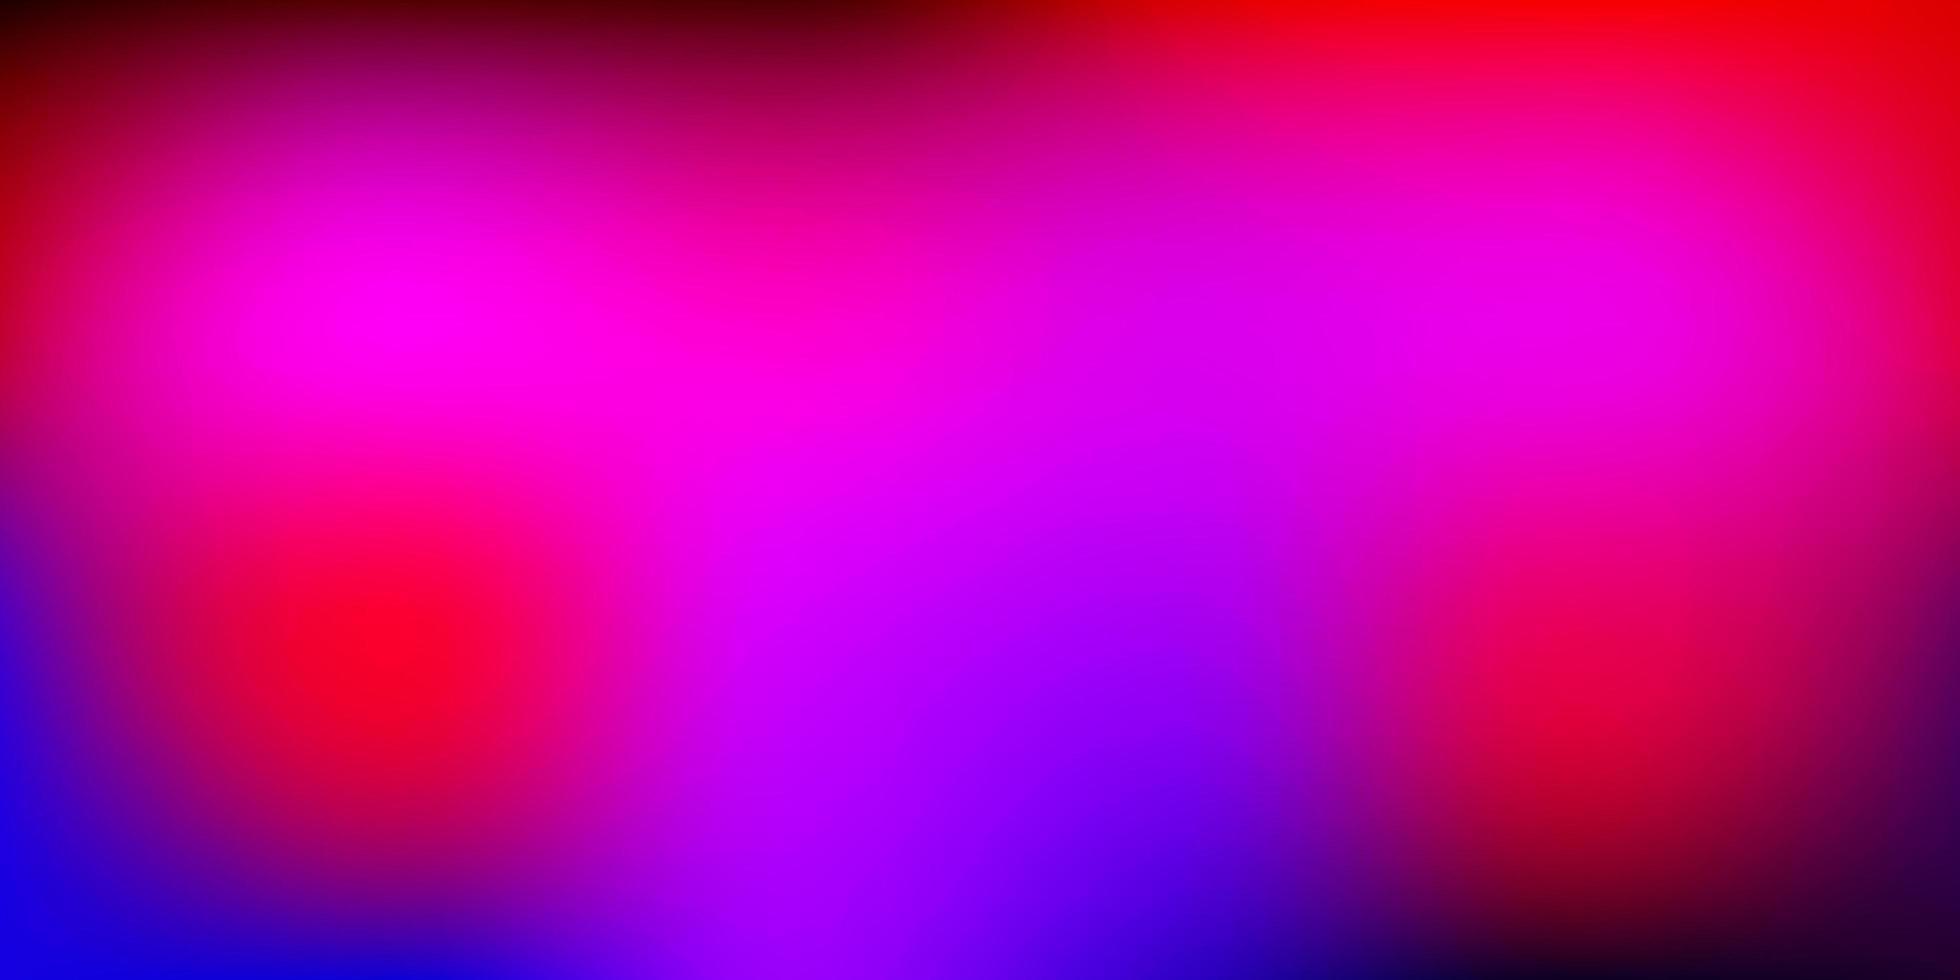 layout borrado de vetor rosa e vermelho claro.